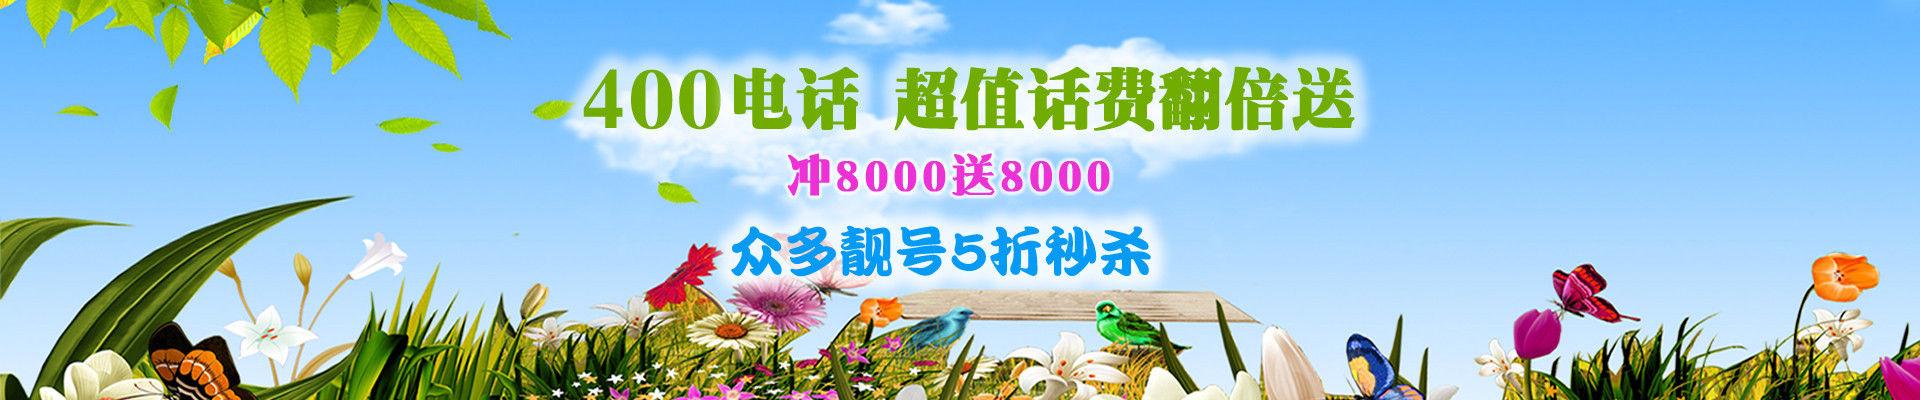 江苏400电话优惠活动